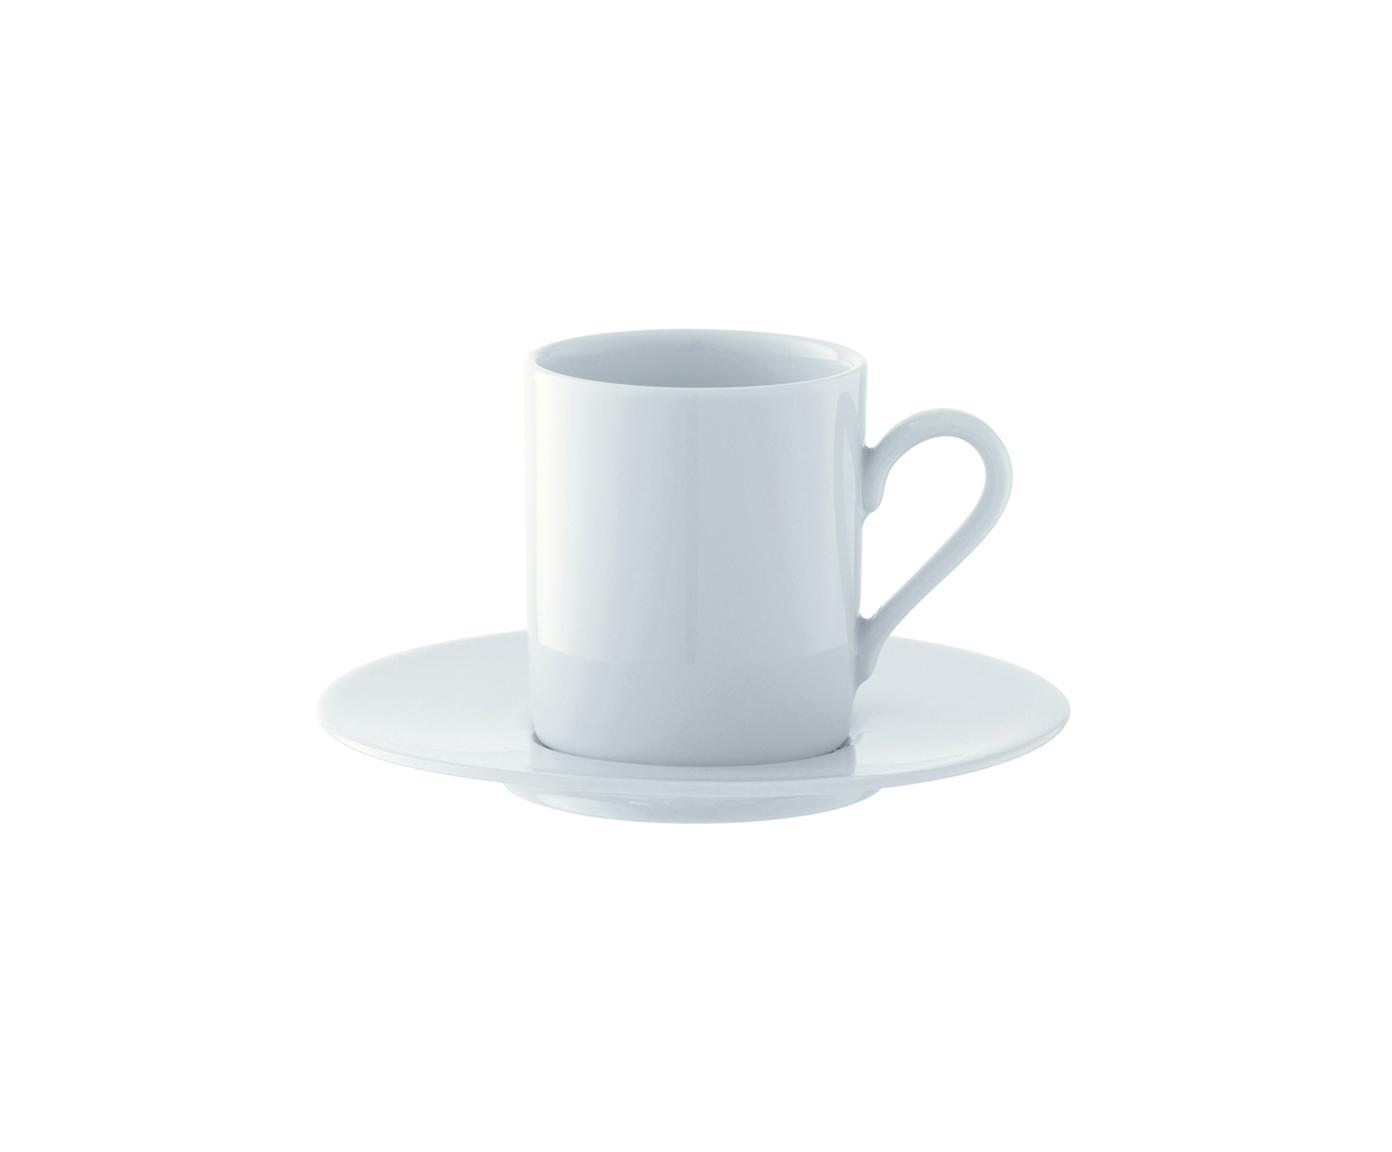 Espressotassen mit Untertassen Bianco aus Porzellan, 4 Stück, Porzellan, Weiss, Ø 12 x H 7 cm